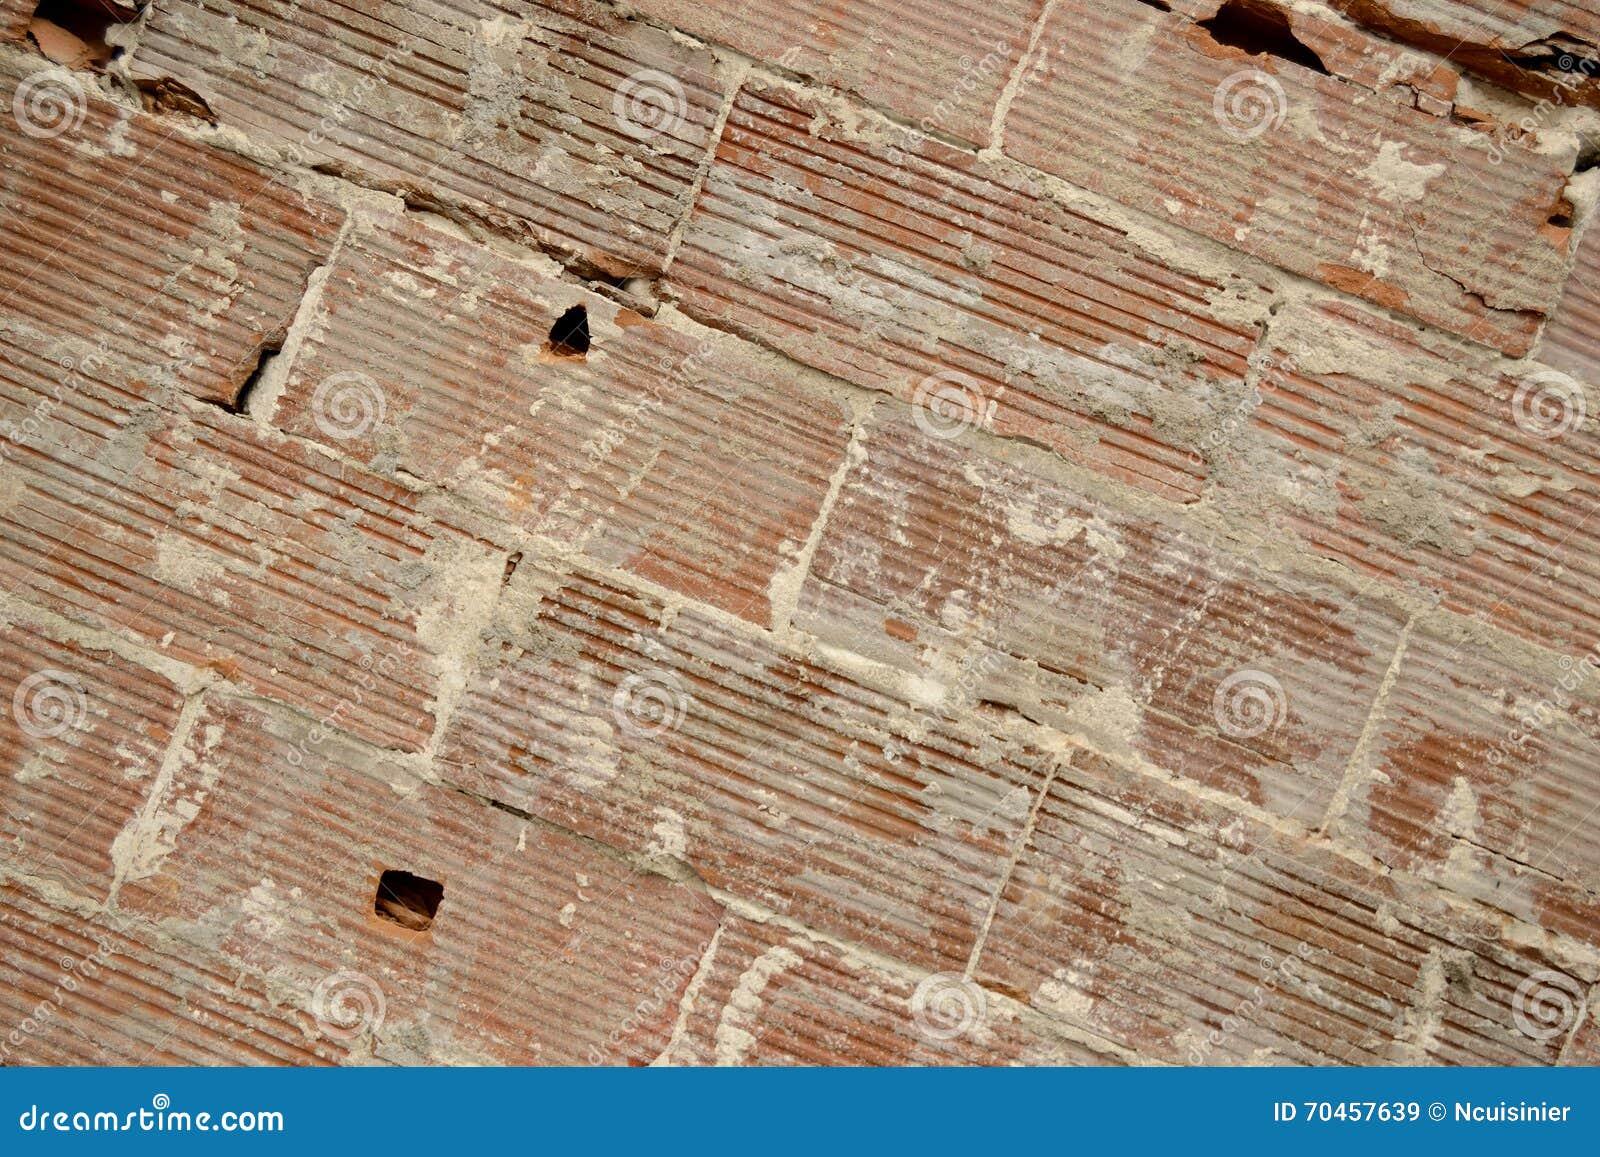 Viejo fondo de la pared de los ladrillos grandes, líneas diagonales